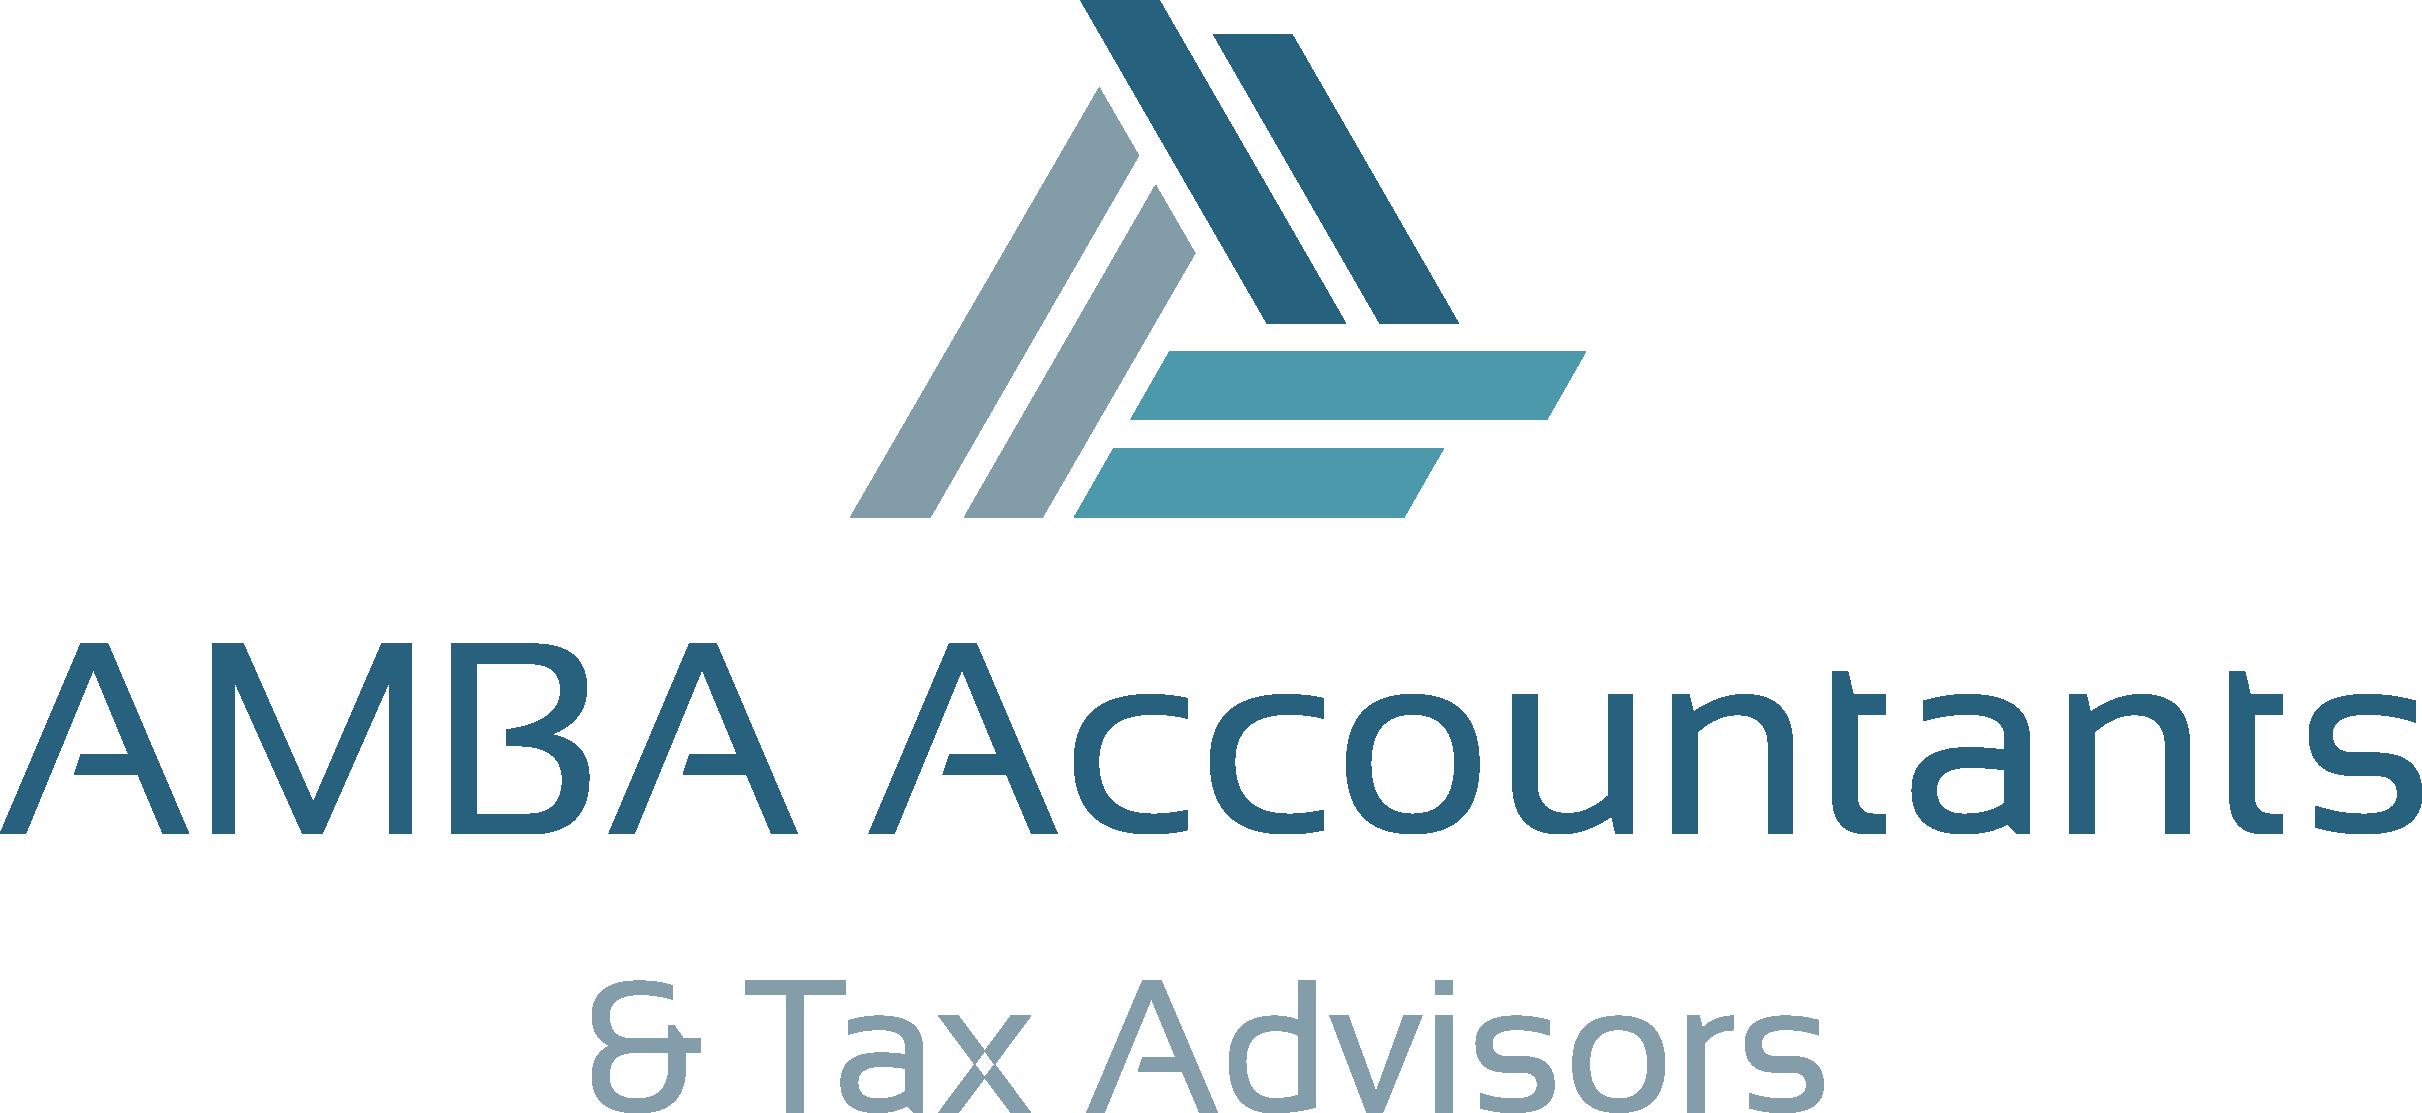 AMBA Accountants and Tax Advisors